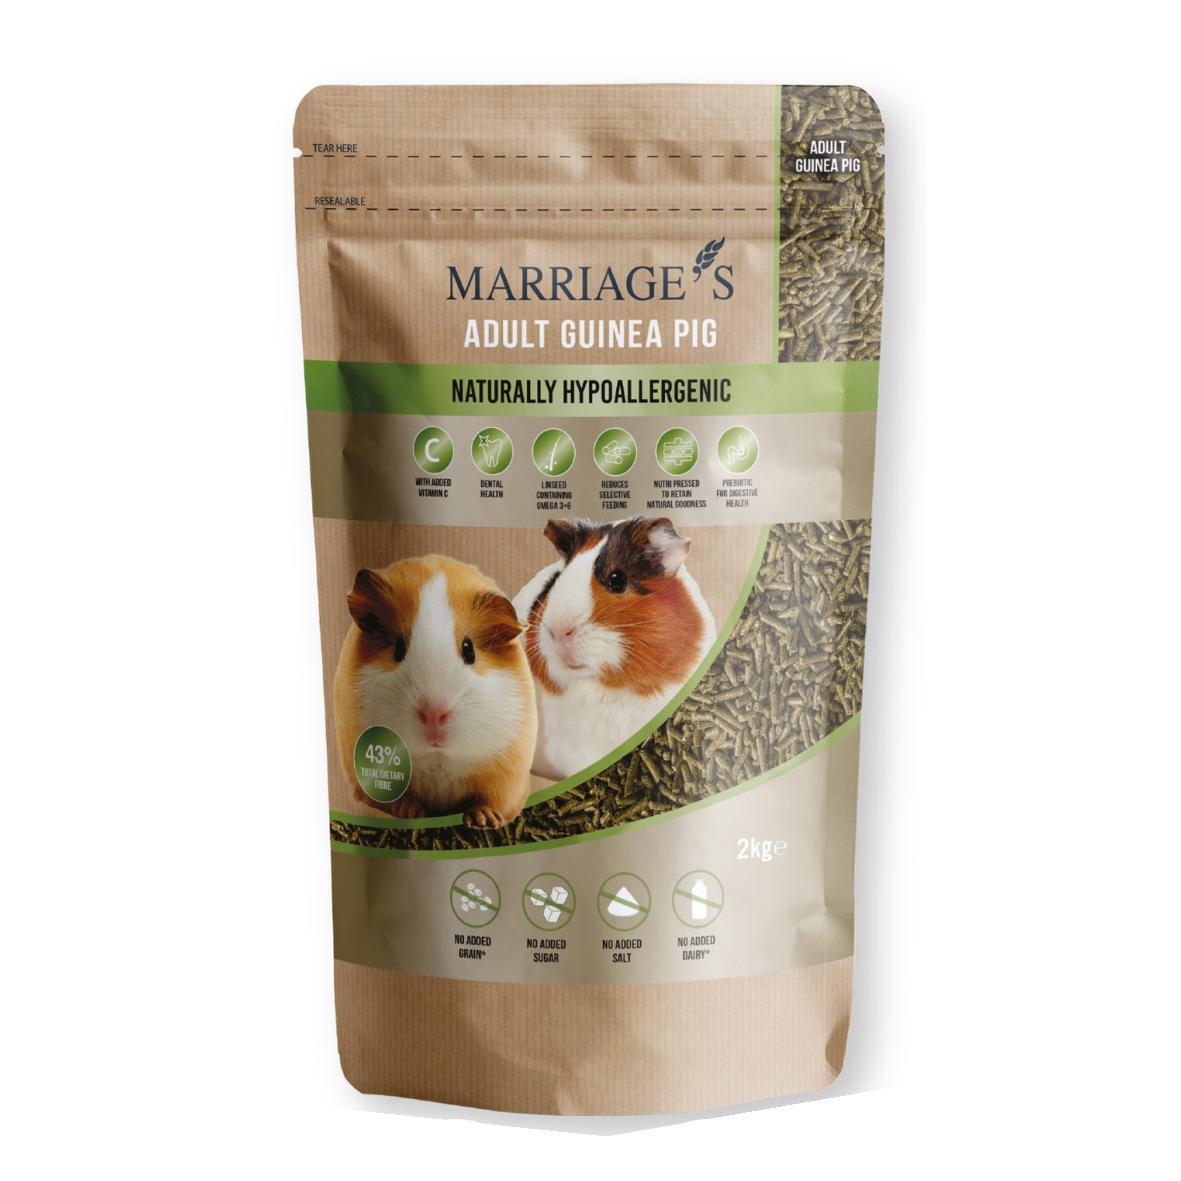 Marriages Adult Guinea Pig Pellets 2kg